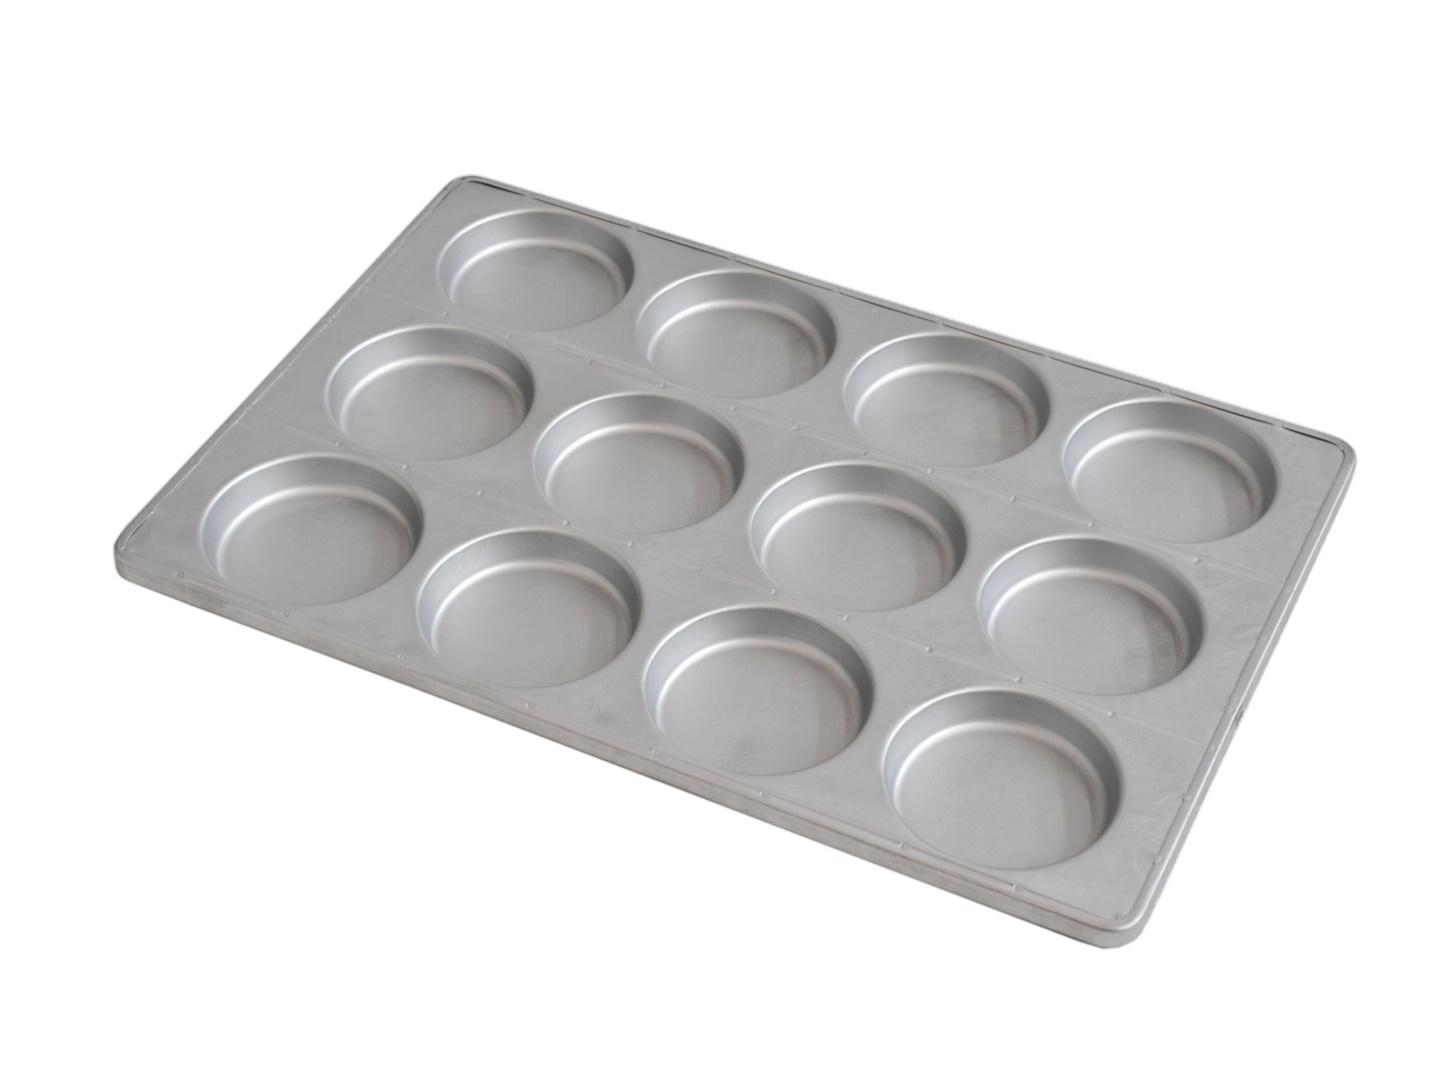 Teglie Rotonde Per Pizza Alluminio.Errepan Teglia Pizza E Focaccia D 120mm Treviglio Bergamo